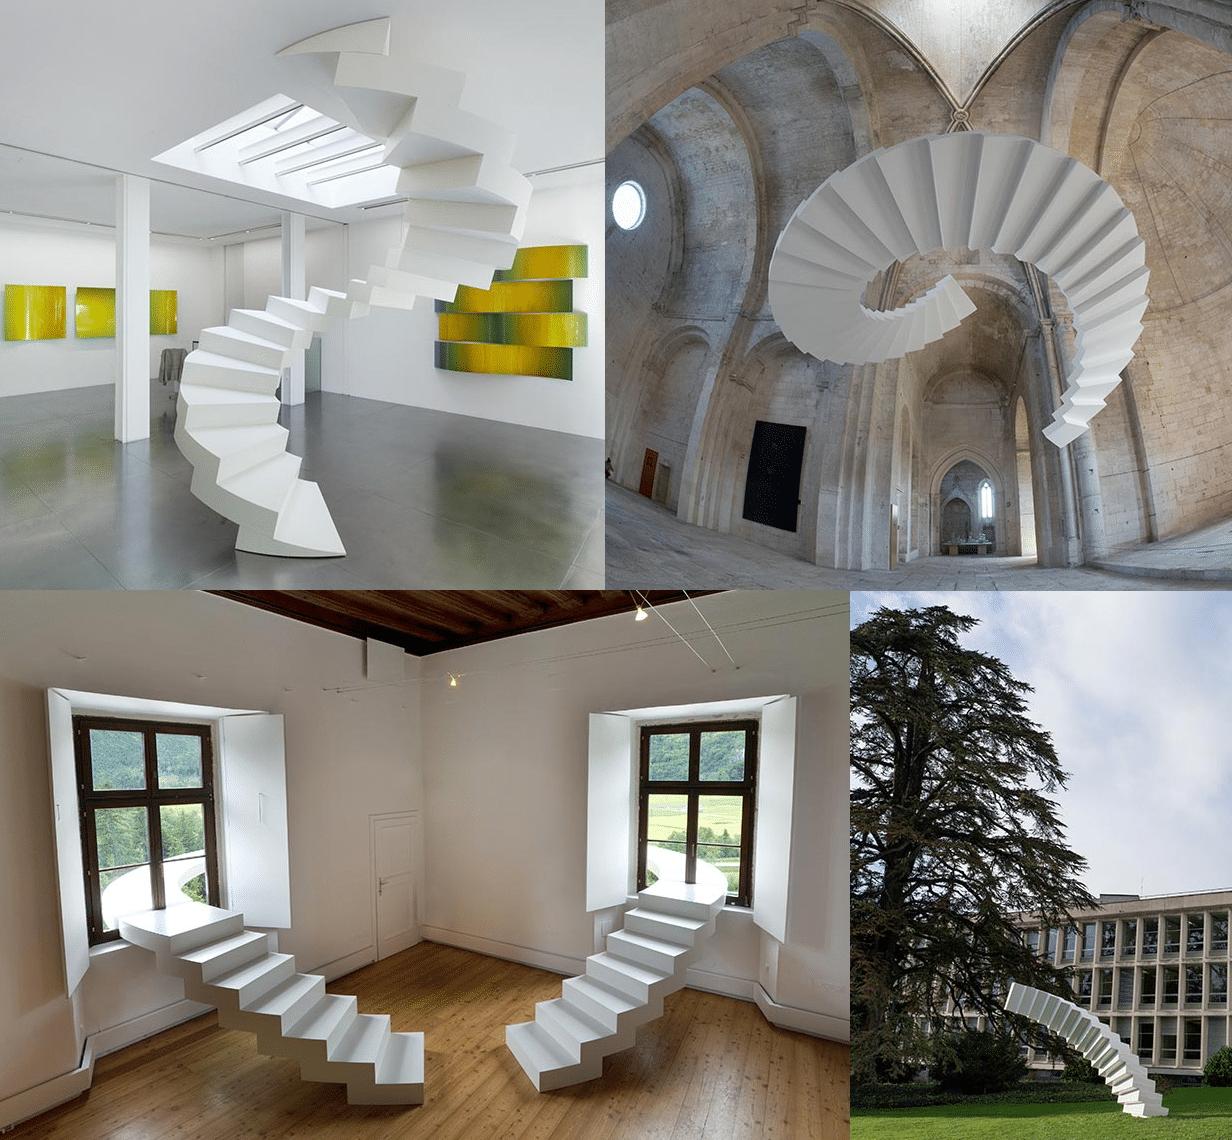 escaleras que rompen la realidad Arquitectura. Las escaleras que nunca construiré